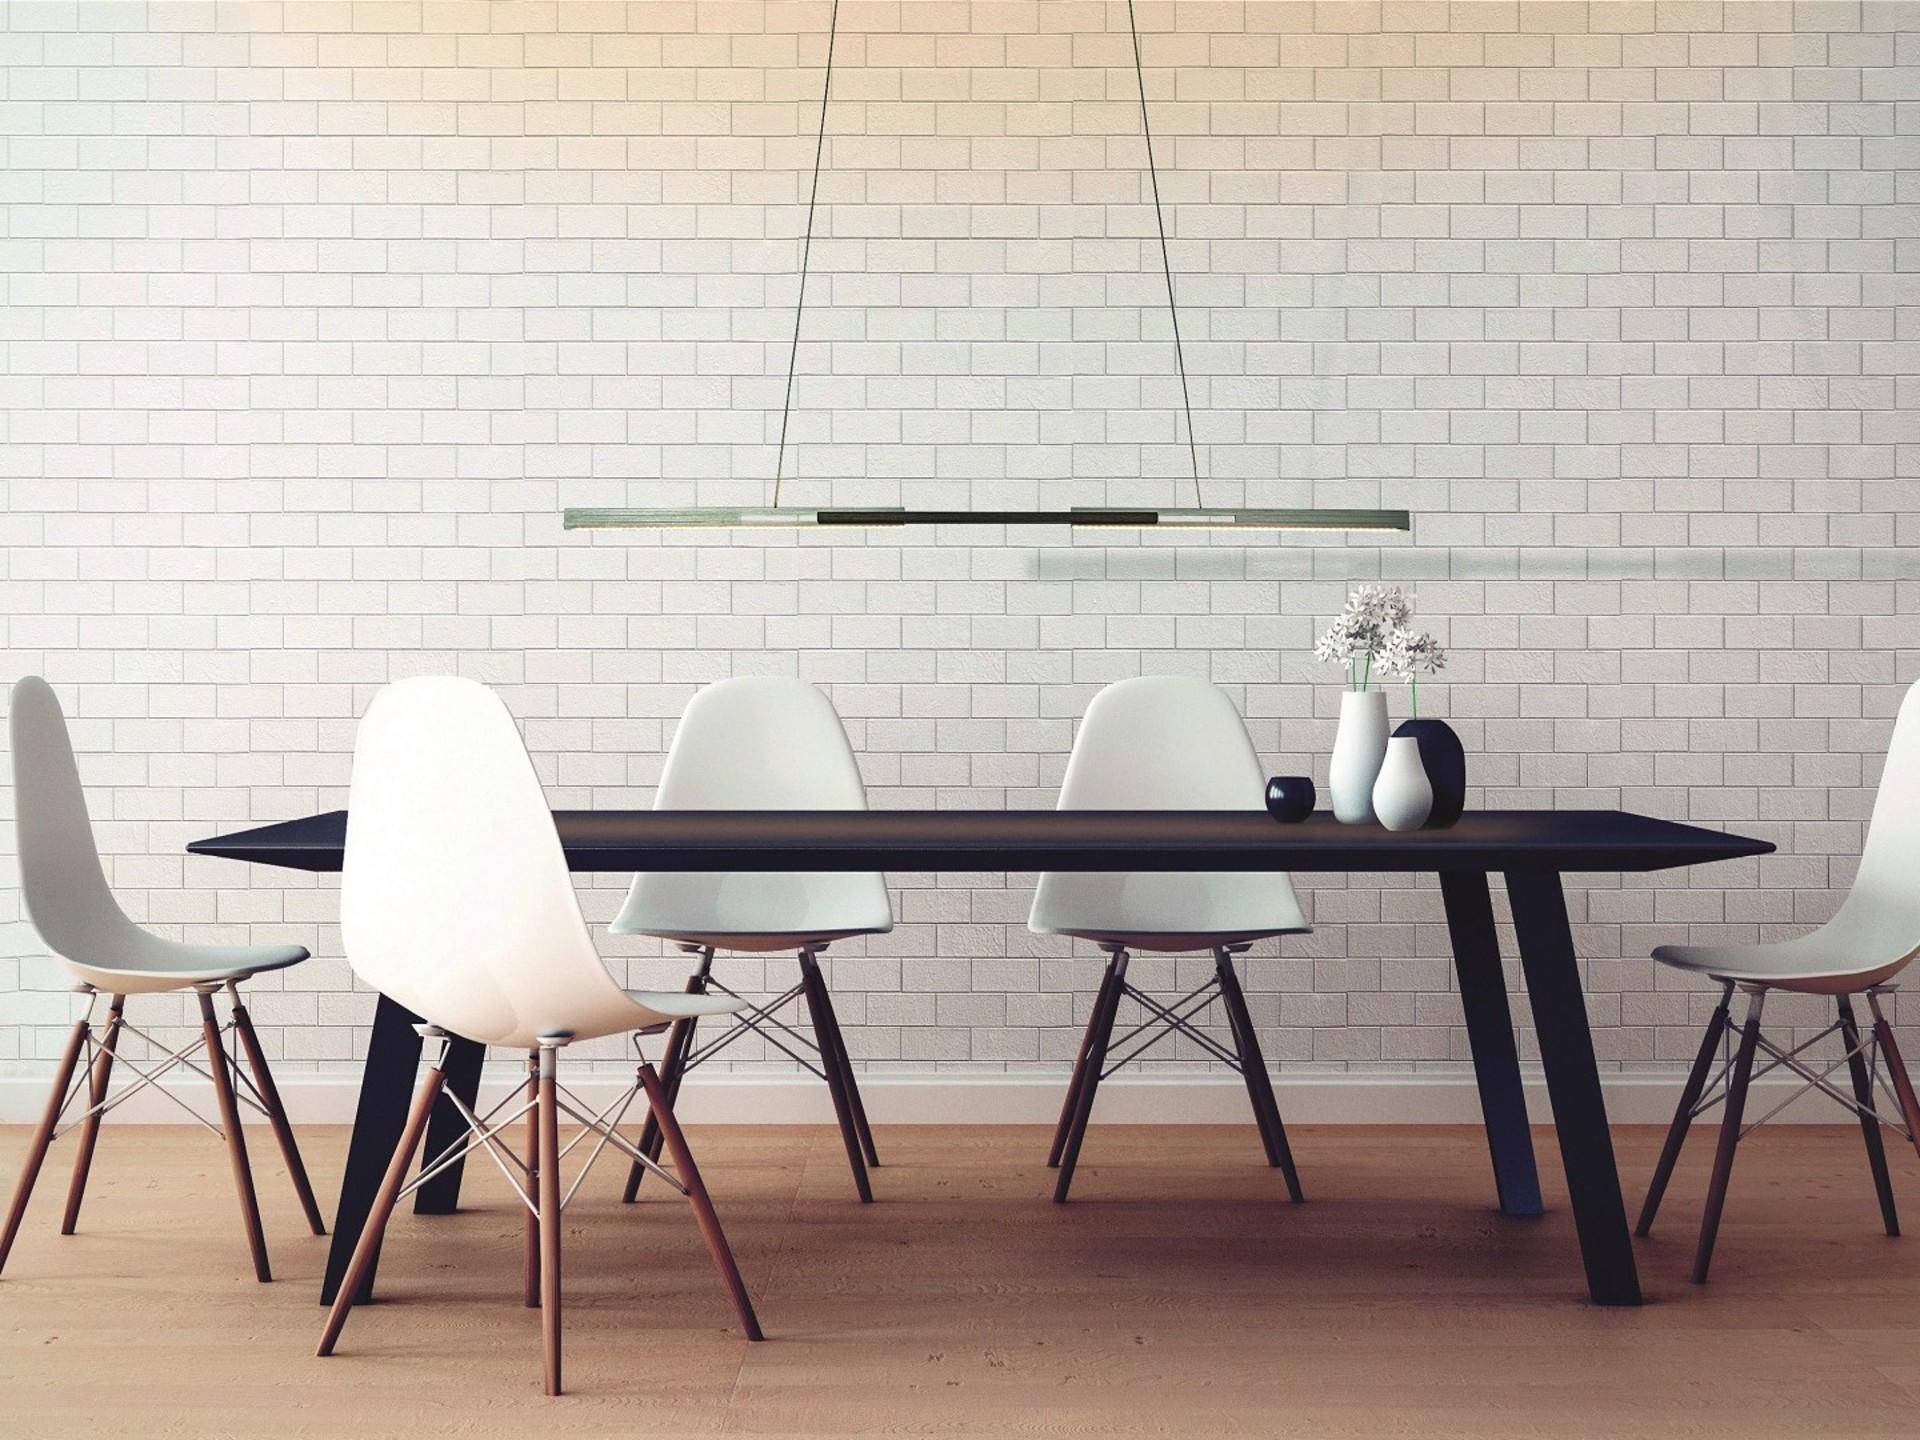 Full Size of Tapeten 2020 Wohnzimmer Moderne Tapetentrends Trends Wohntrends Einrichtungsideen Fr Ihr Zuhause Rollo Lampen Deckenlampen Für Deckenleuchte Stehlampen Wohnzimmer Tapeten 2020 Wohnzimmer